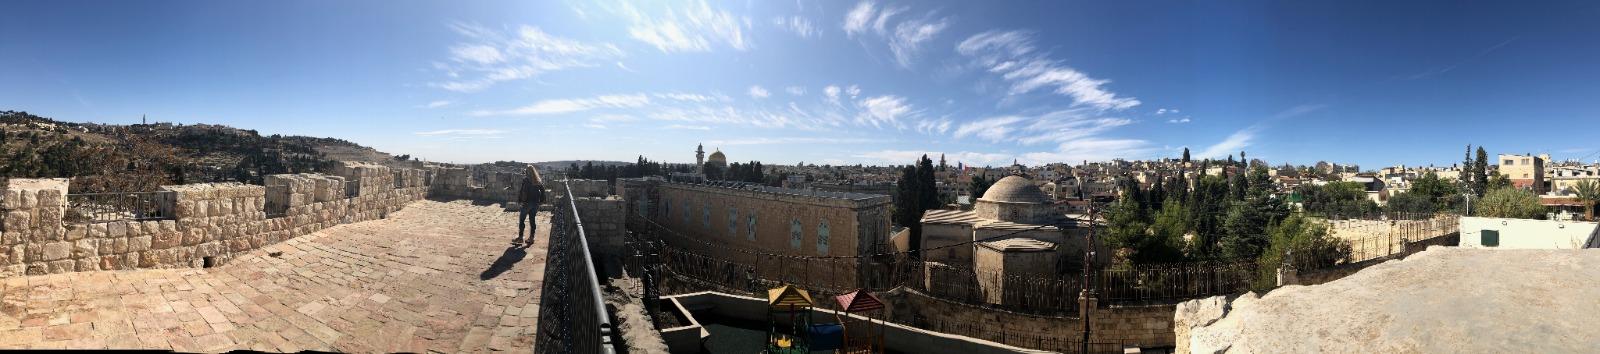 La zona norte del Paseo de las Murallas en Jerusalén. Foto cortesía de PAMI.